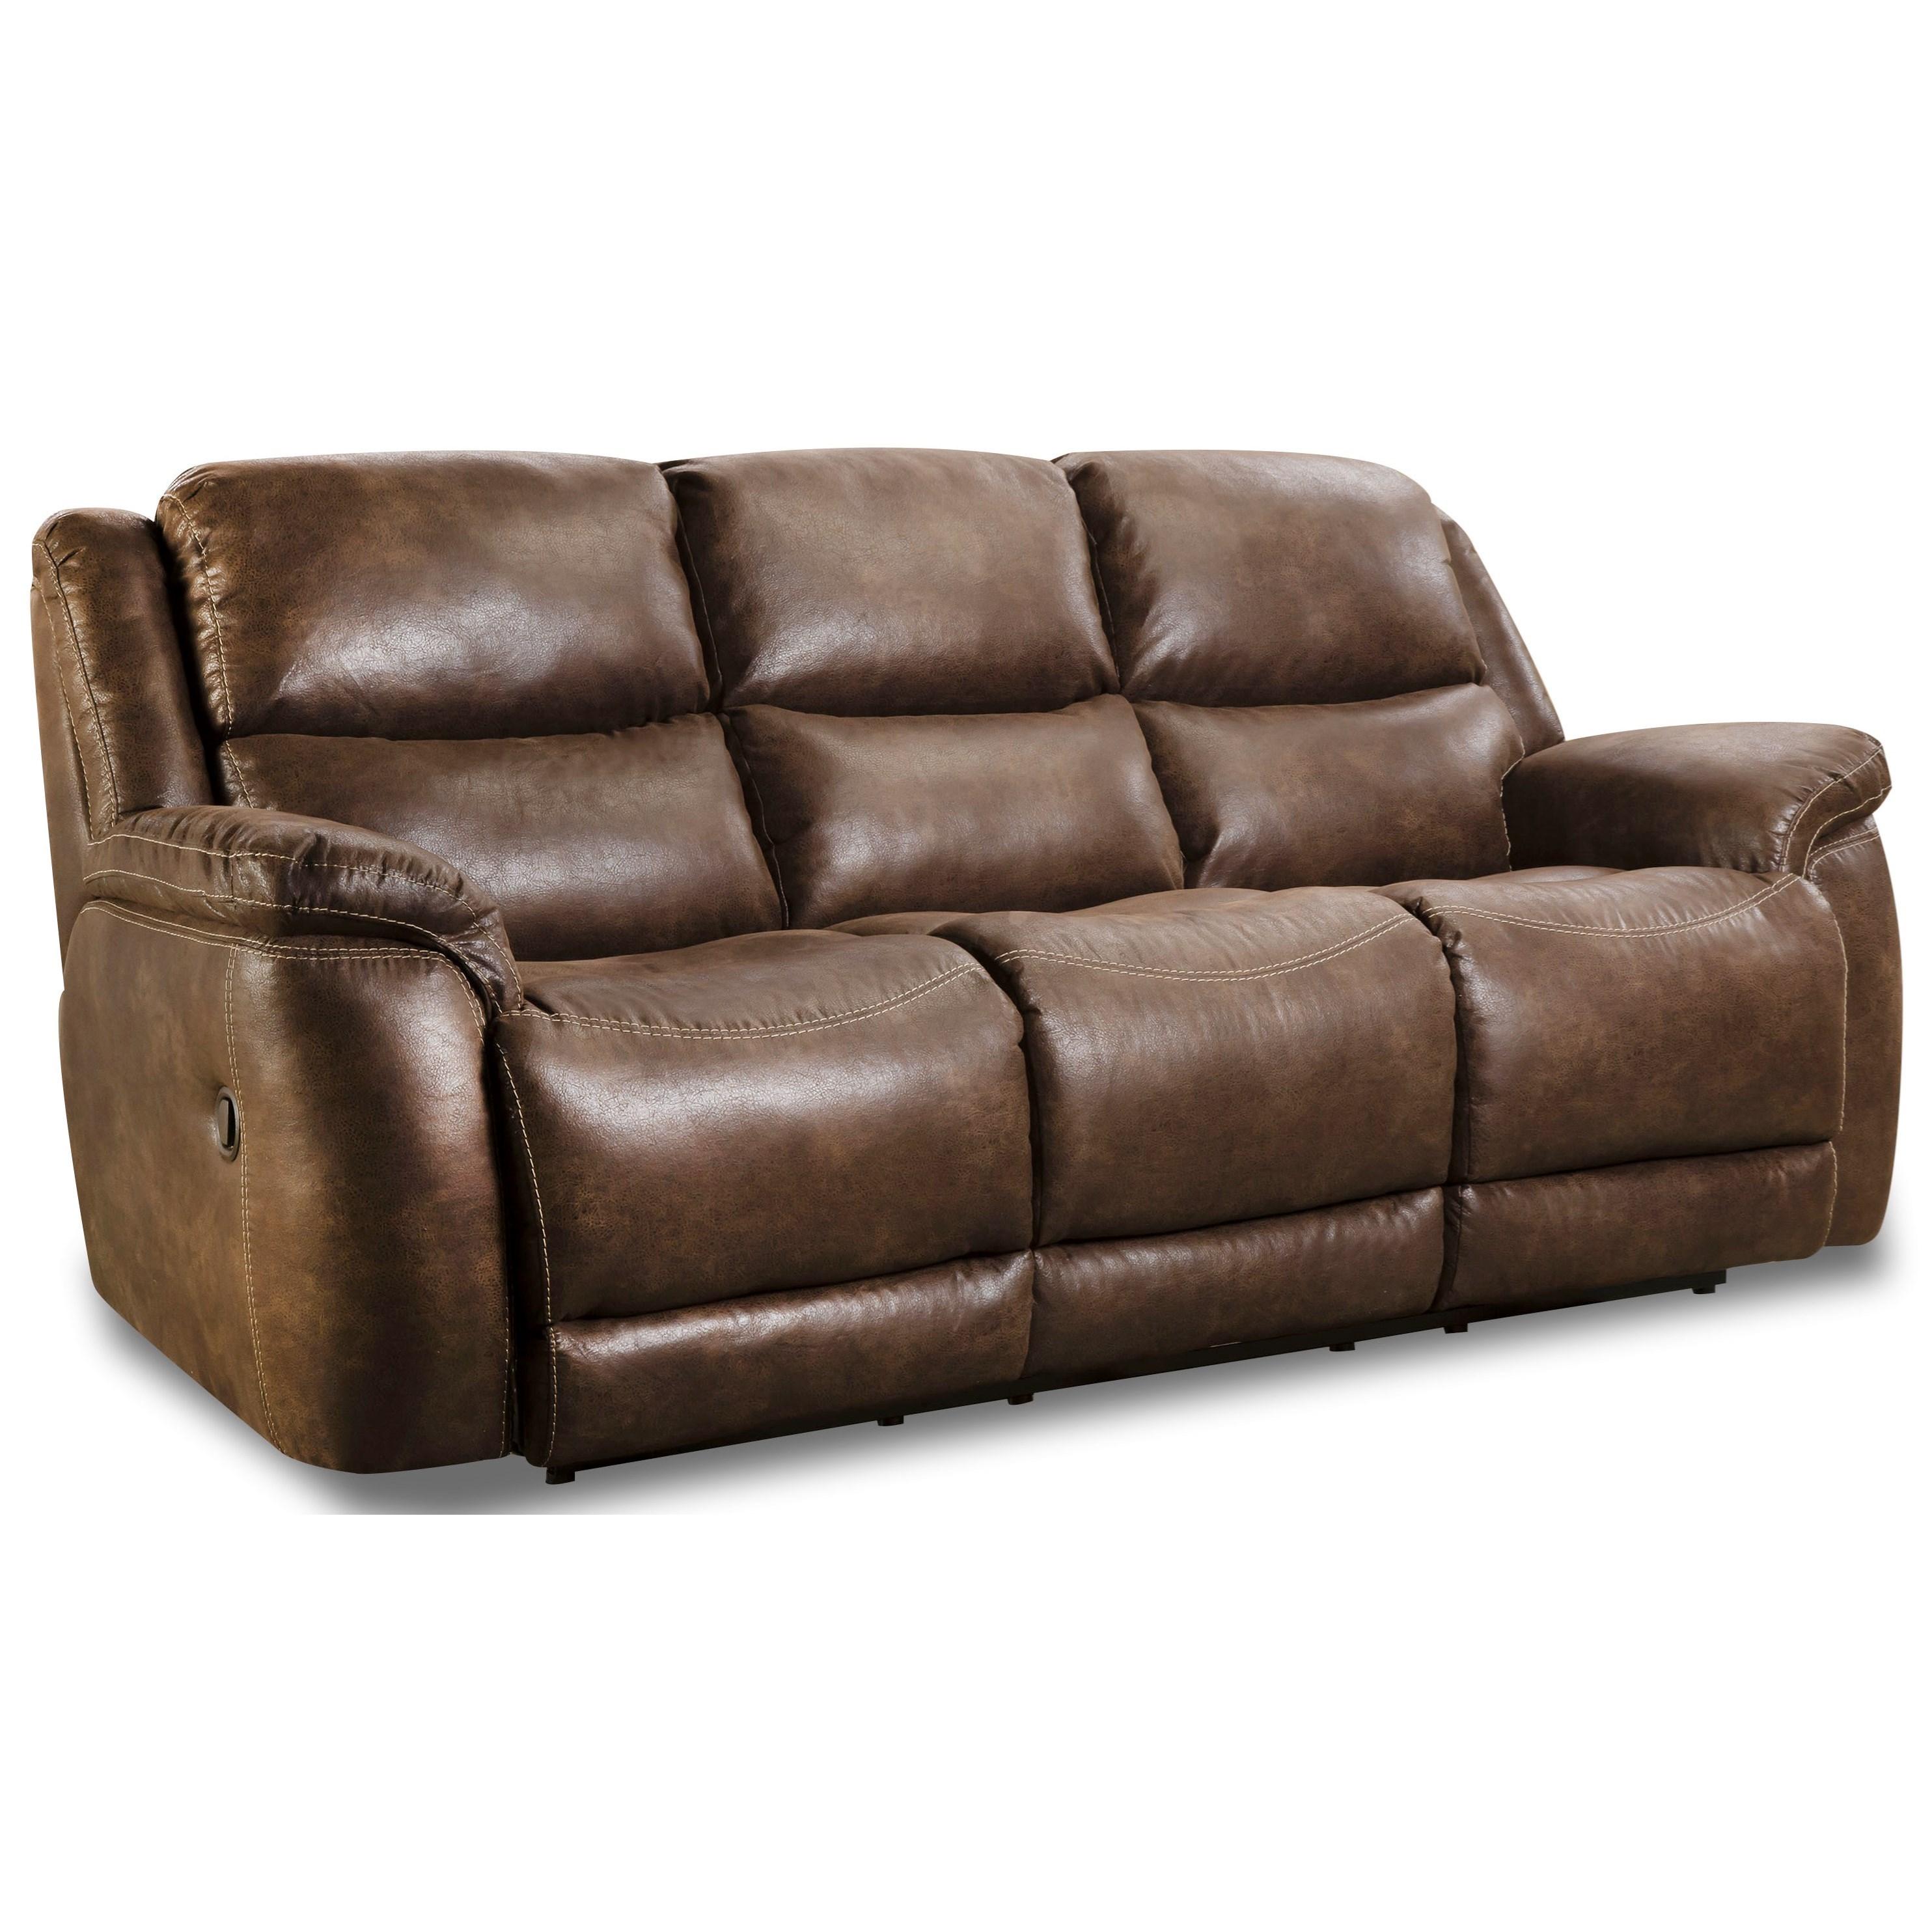 riatta double reclining sofa